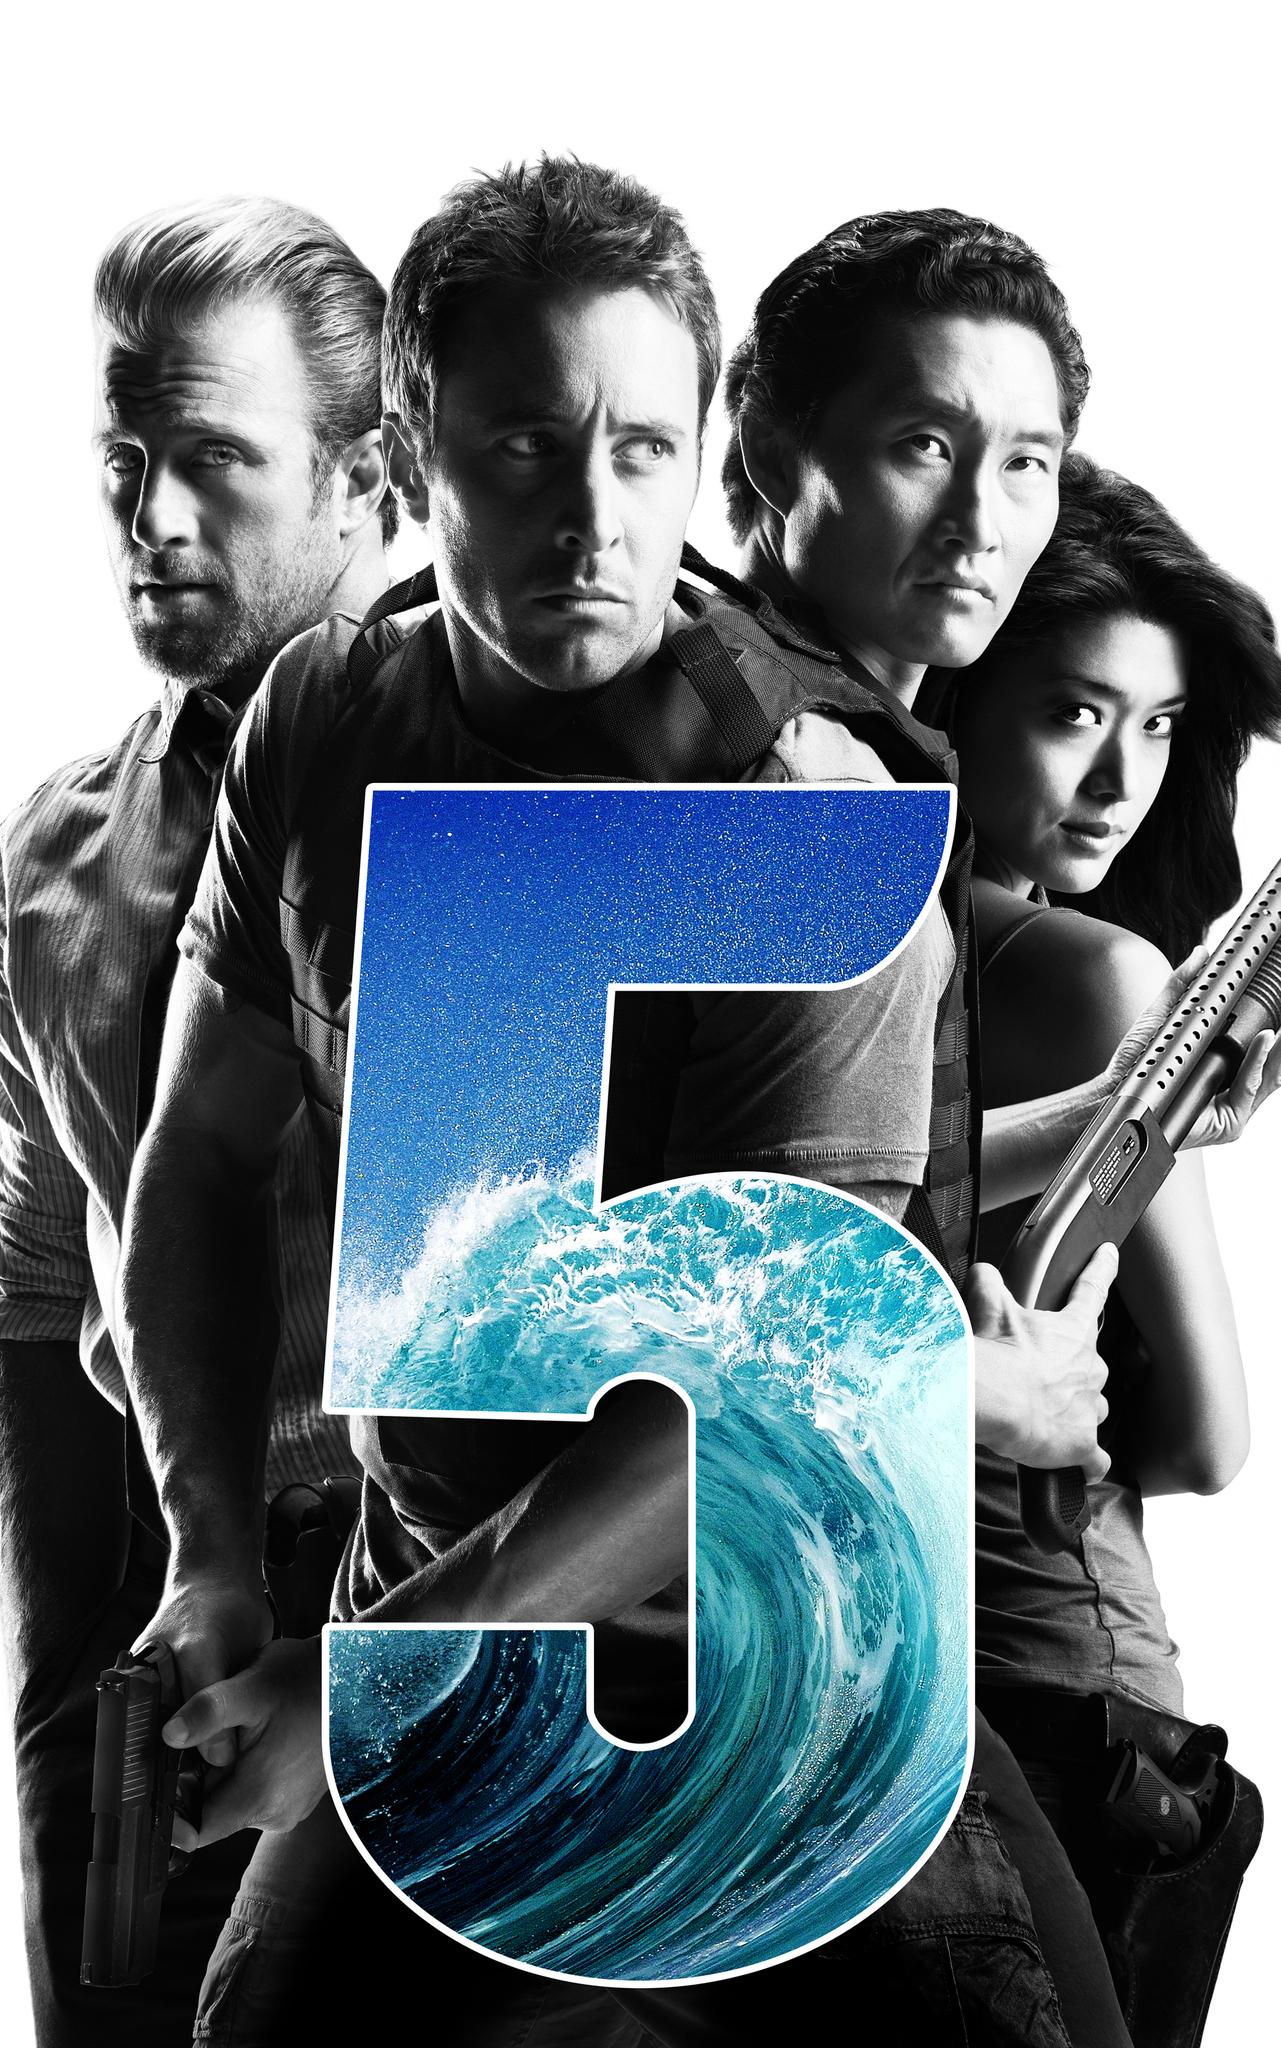 Hawaii Five-0 (2010) Hawaii Five-0